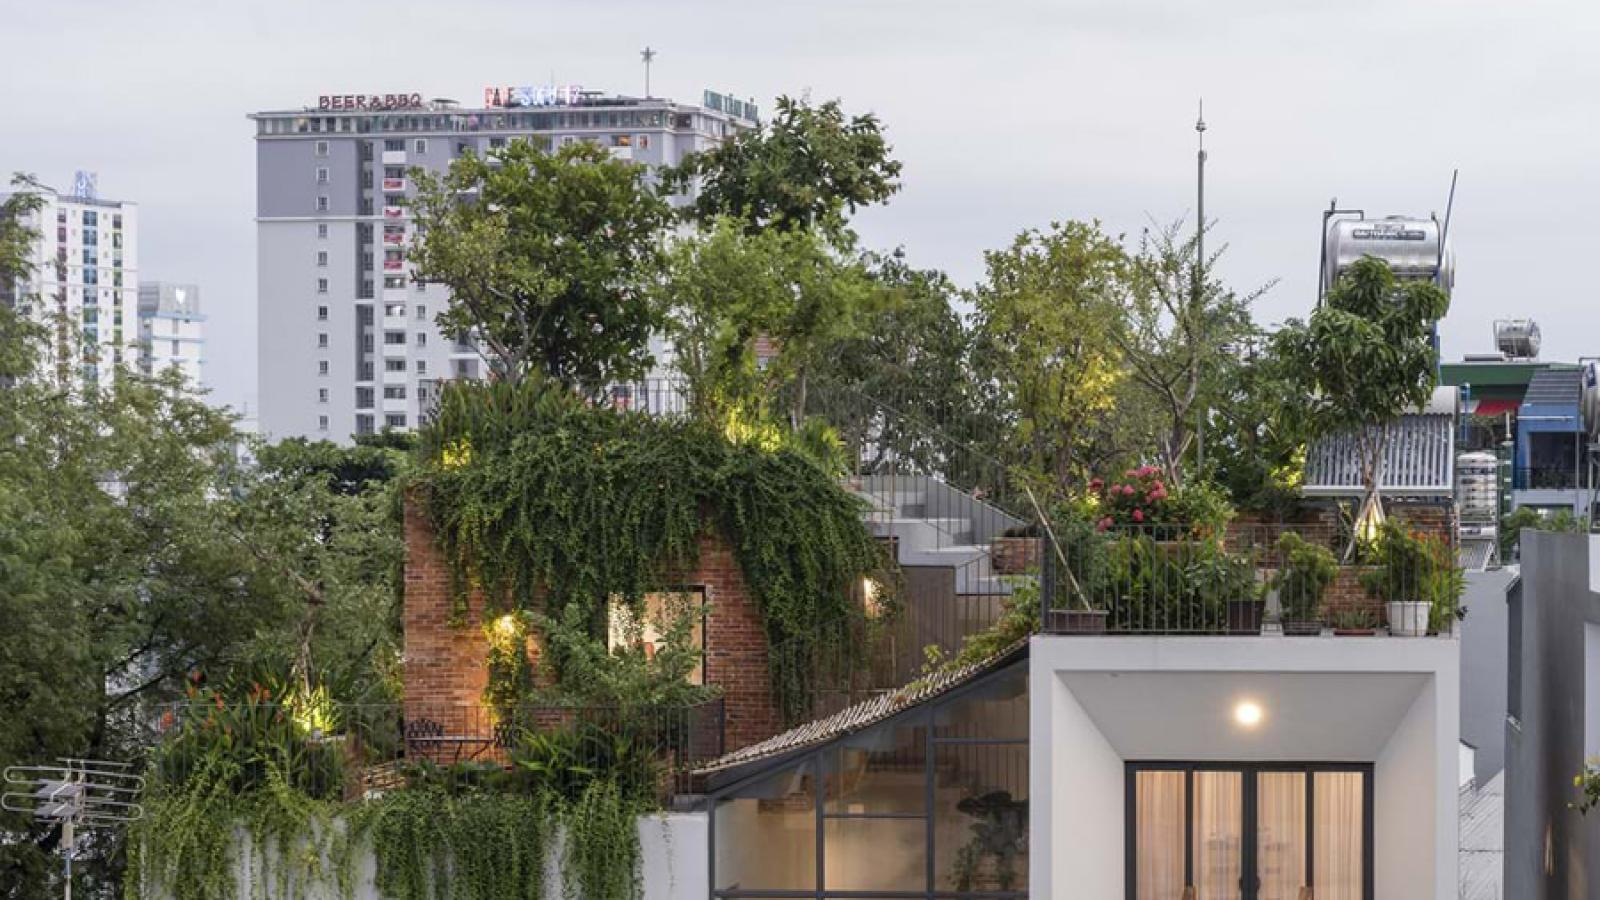 Ngôi nhà Sài Gòn có công viên trên mái